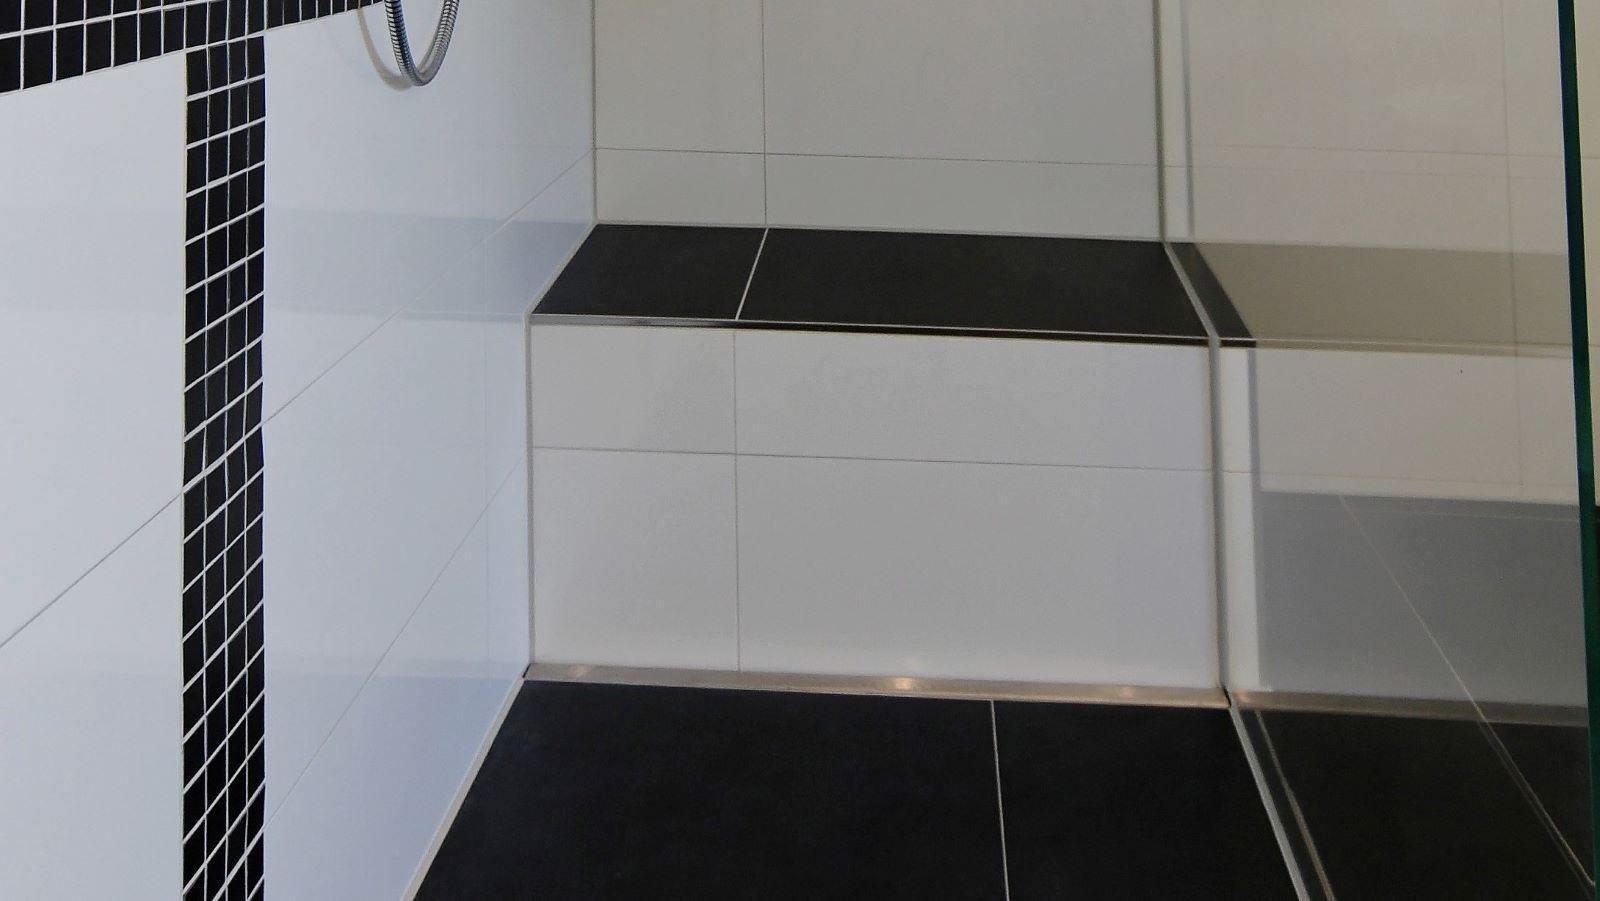 Die bodenebene dusche auf dem bild zeigt die eingebaute v4a edelstahl-duschrinne pro mit den massgefertigten aufkantungen fuer den einbau in eine Ecke links. Die wandbuendig eingebaute sonderanfertigung mit der passenden seitlichen ausfuehrung ermoeglicht eine sichere abdichtung und eine befliesung mit modernen, grossformatigen fliesen.